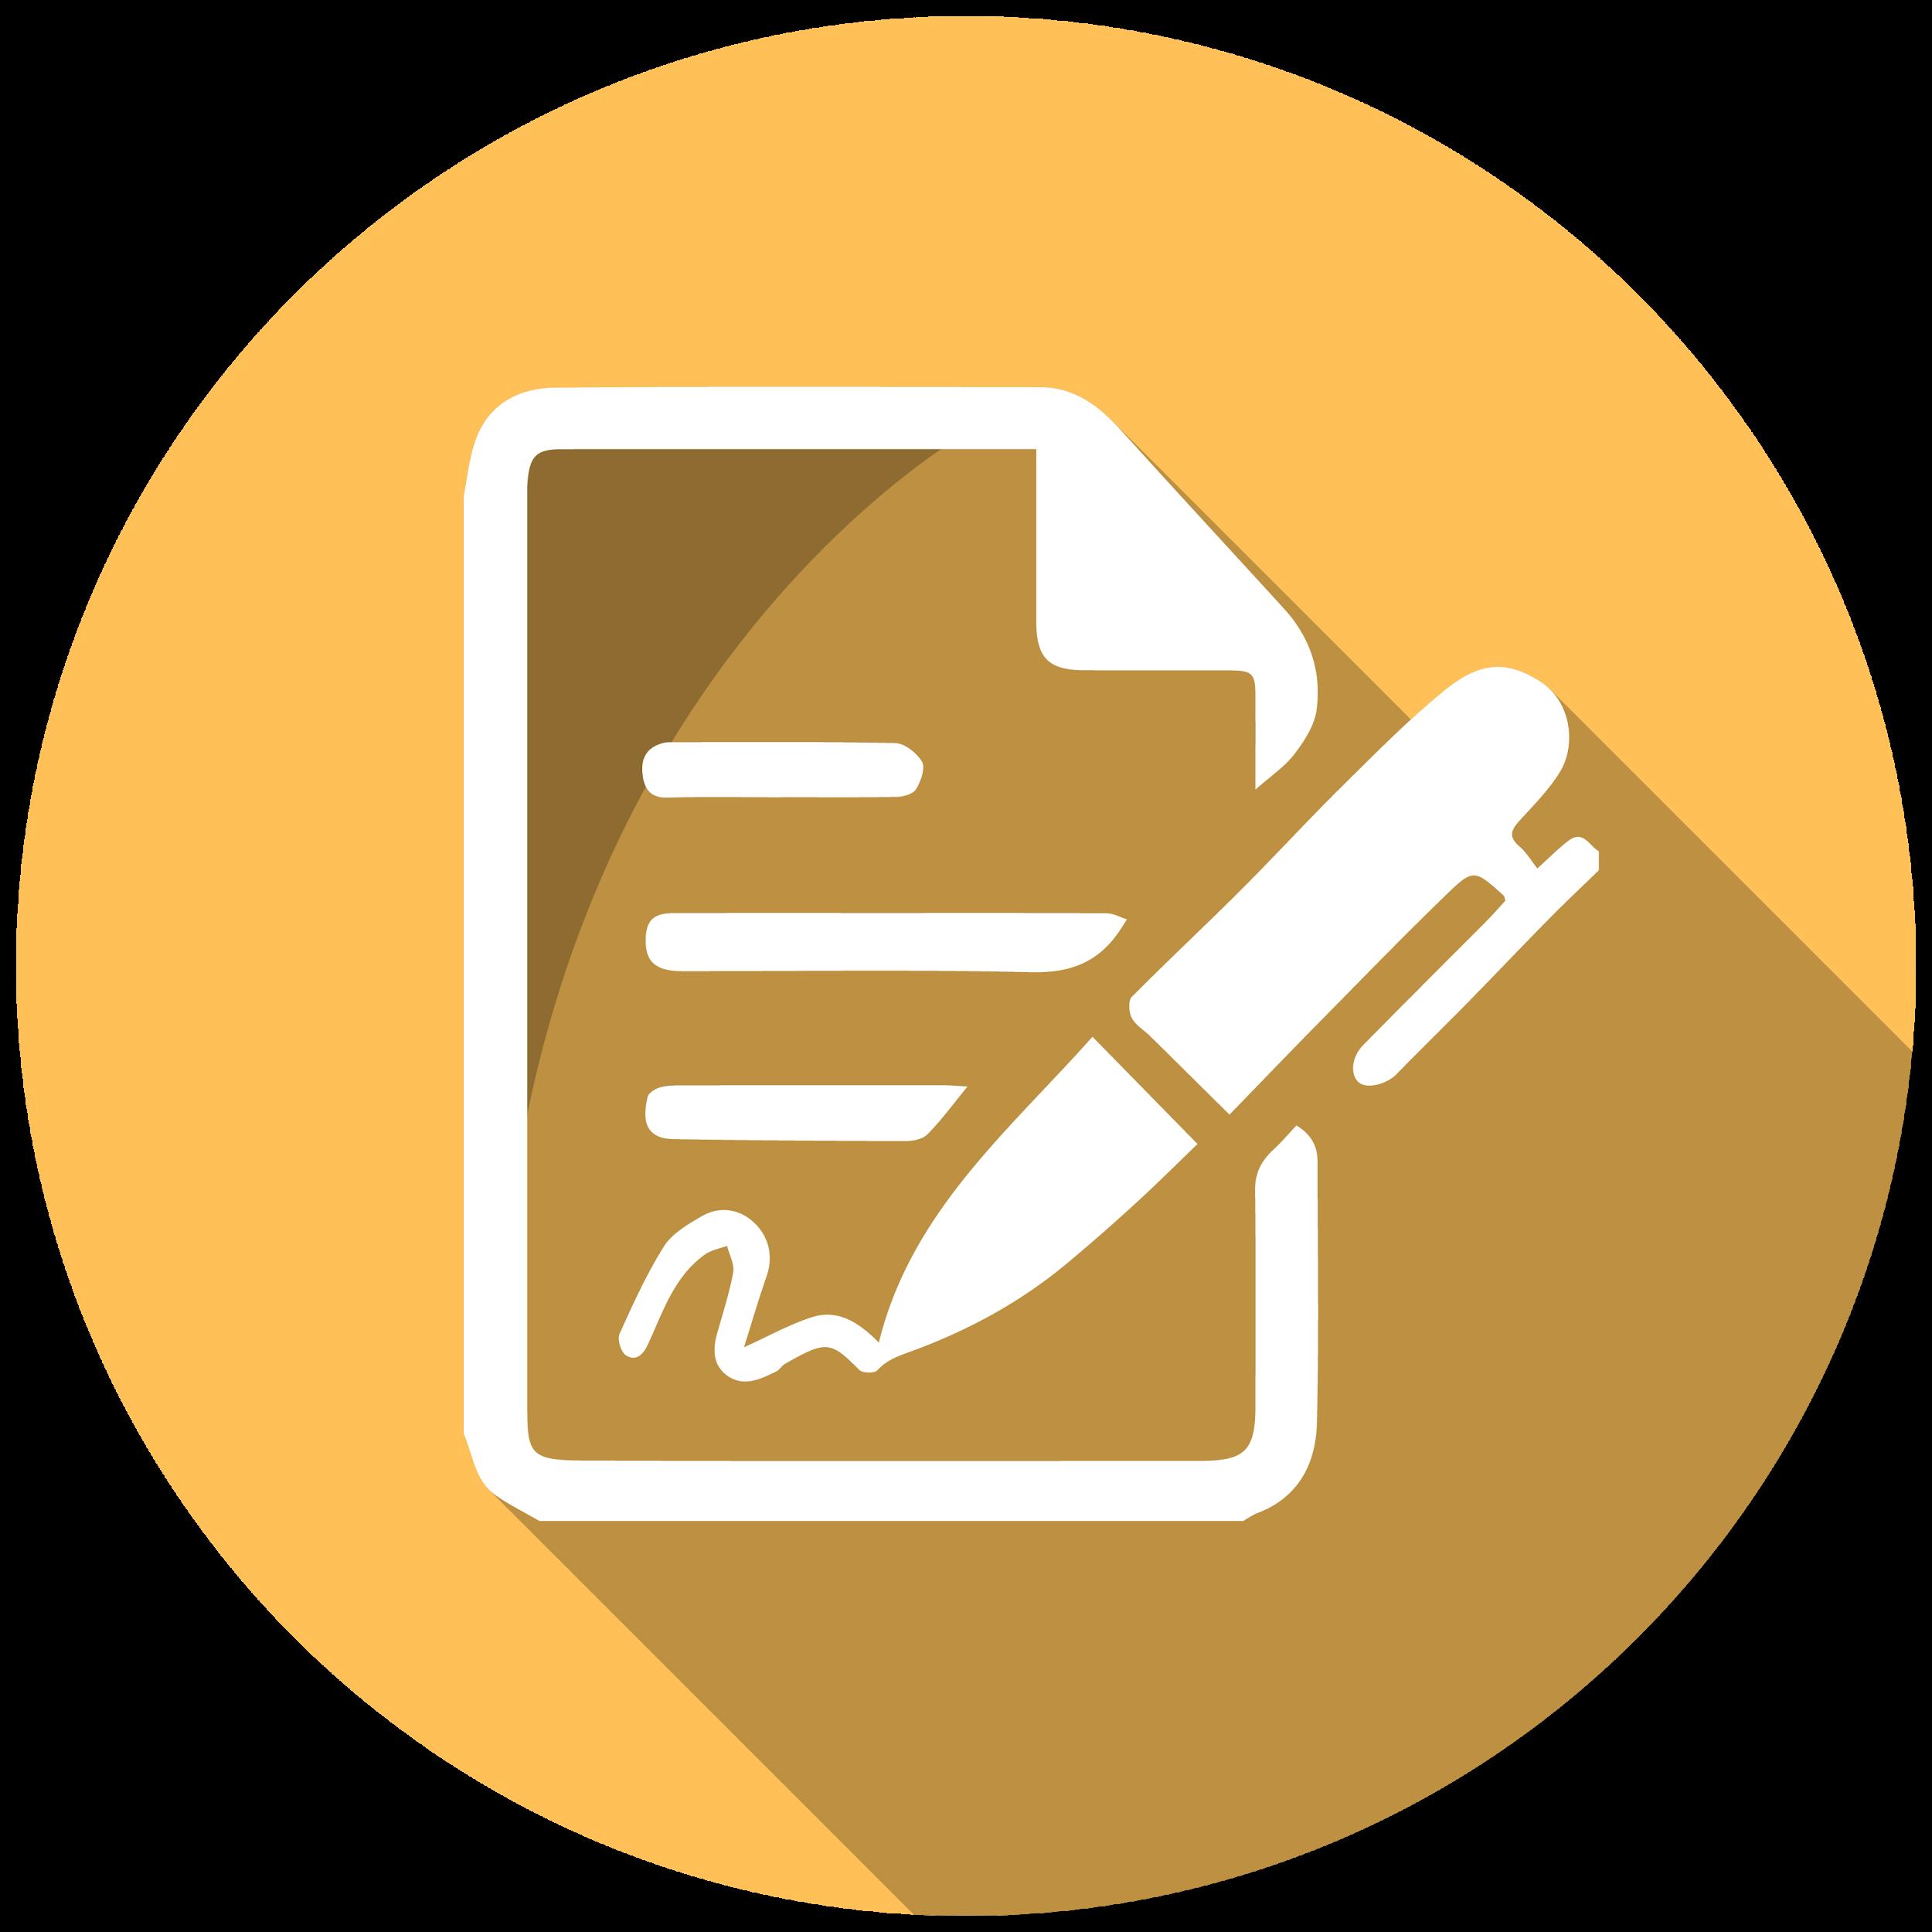 Drugi korak - potpisivanje ugovora